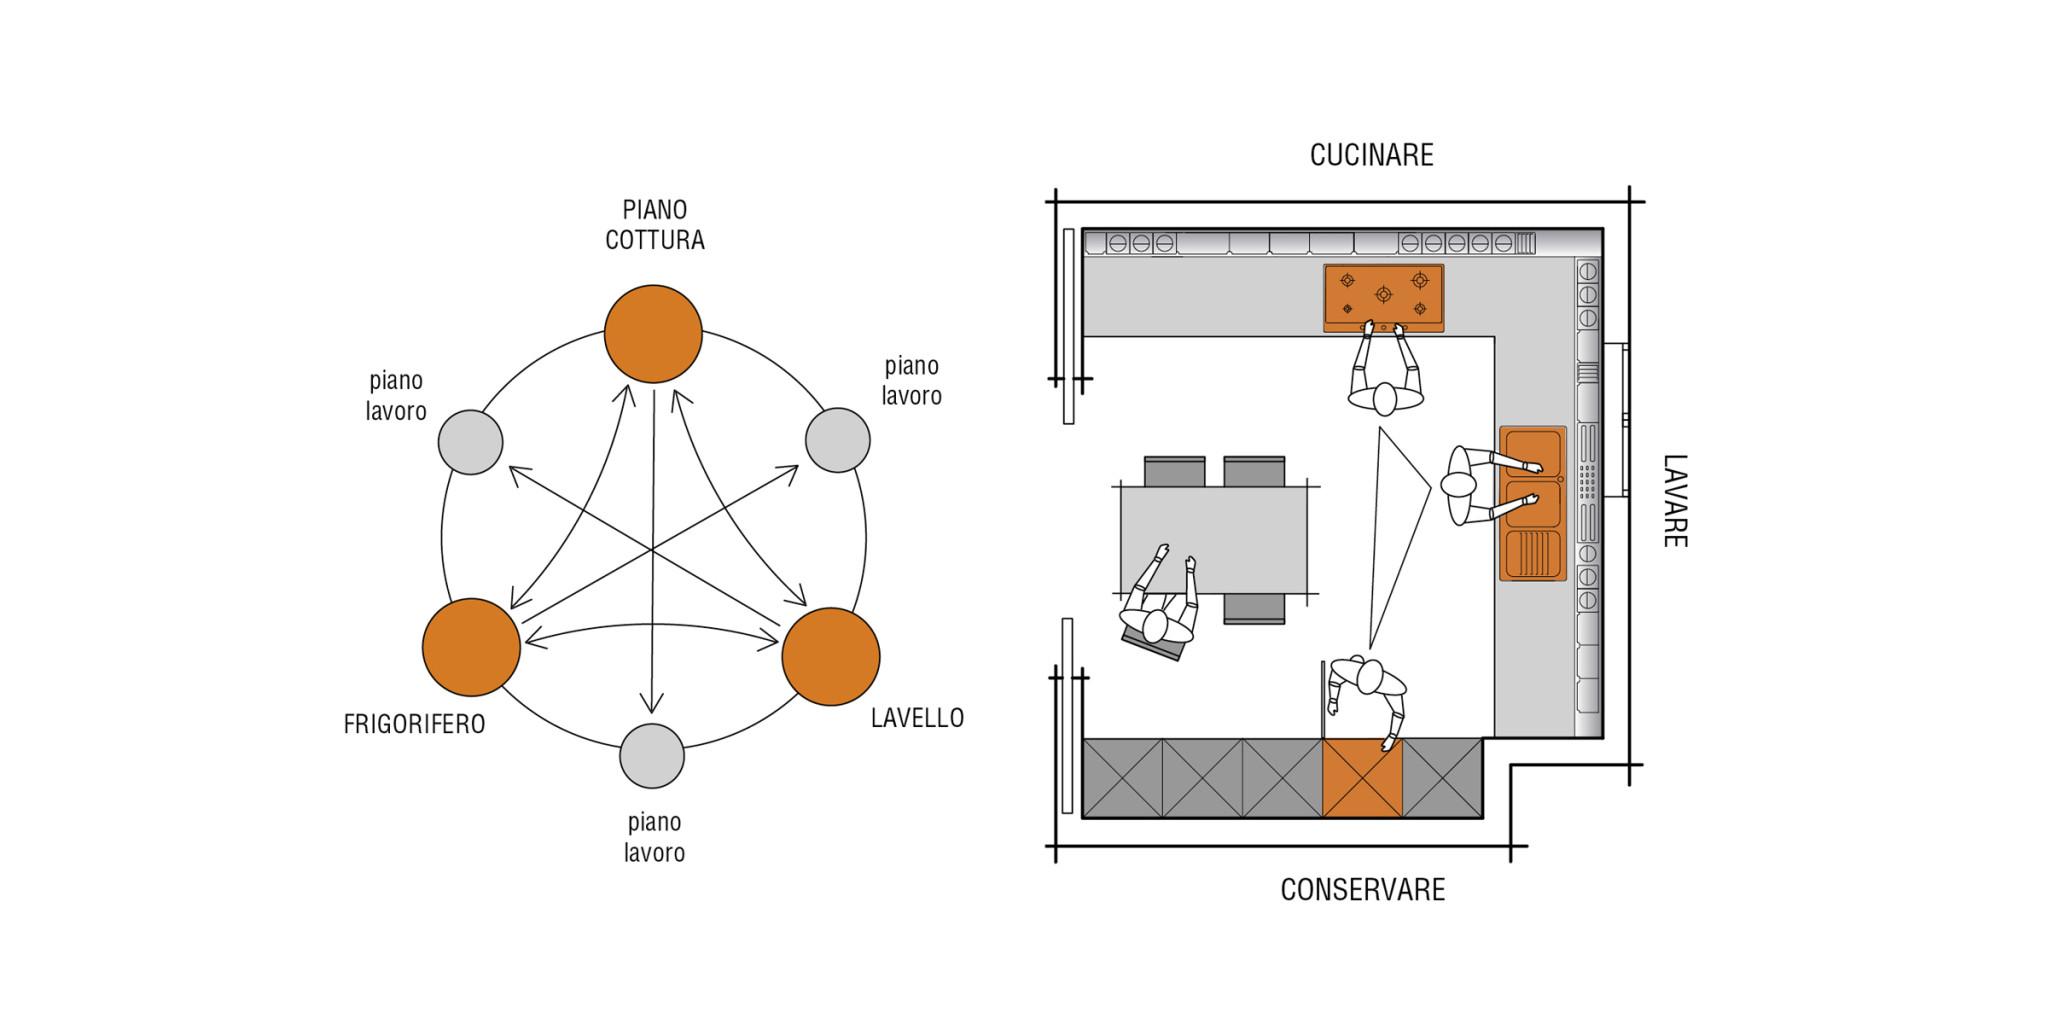 Disposizione Cucina: Come Disporre la Cucina | ARTHECO